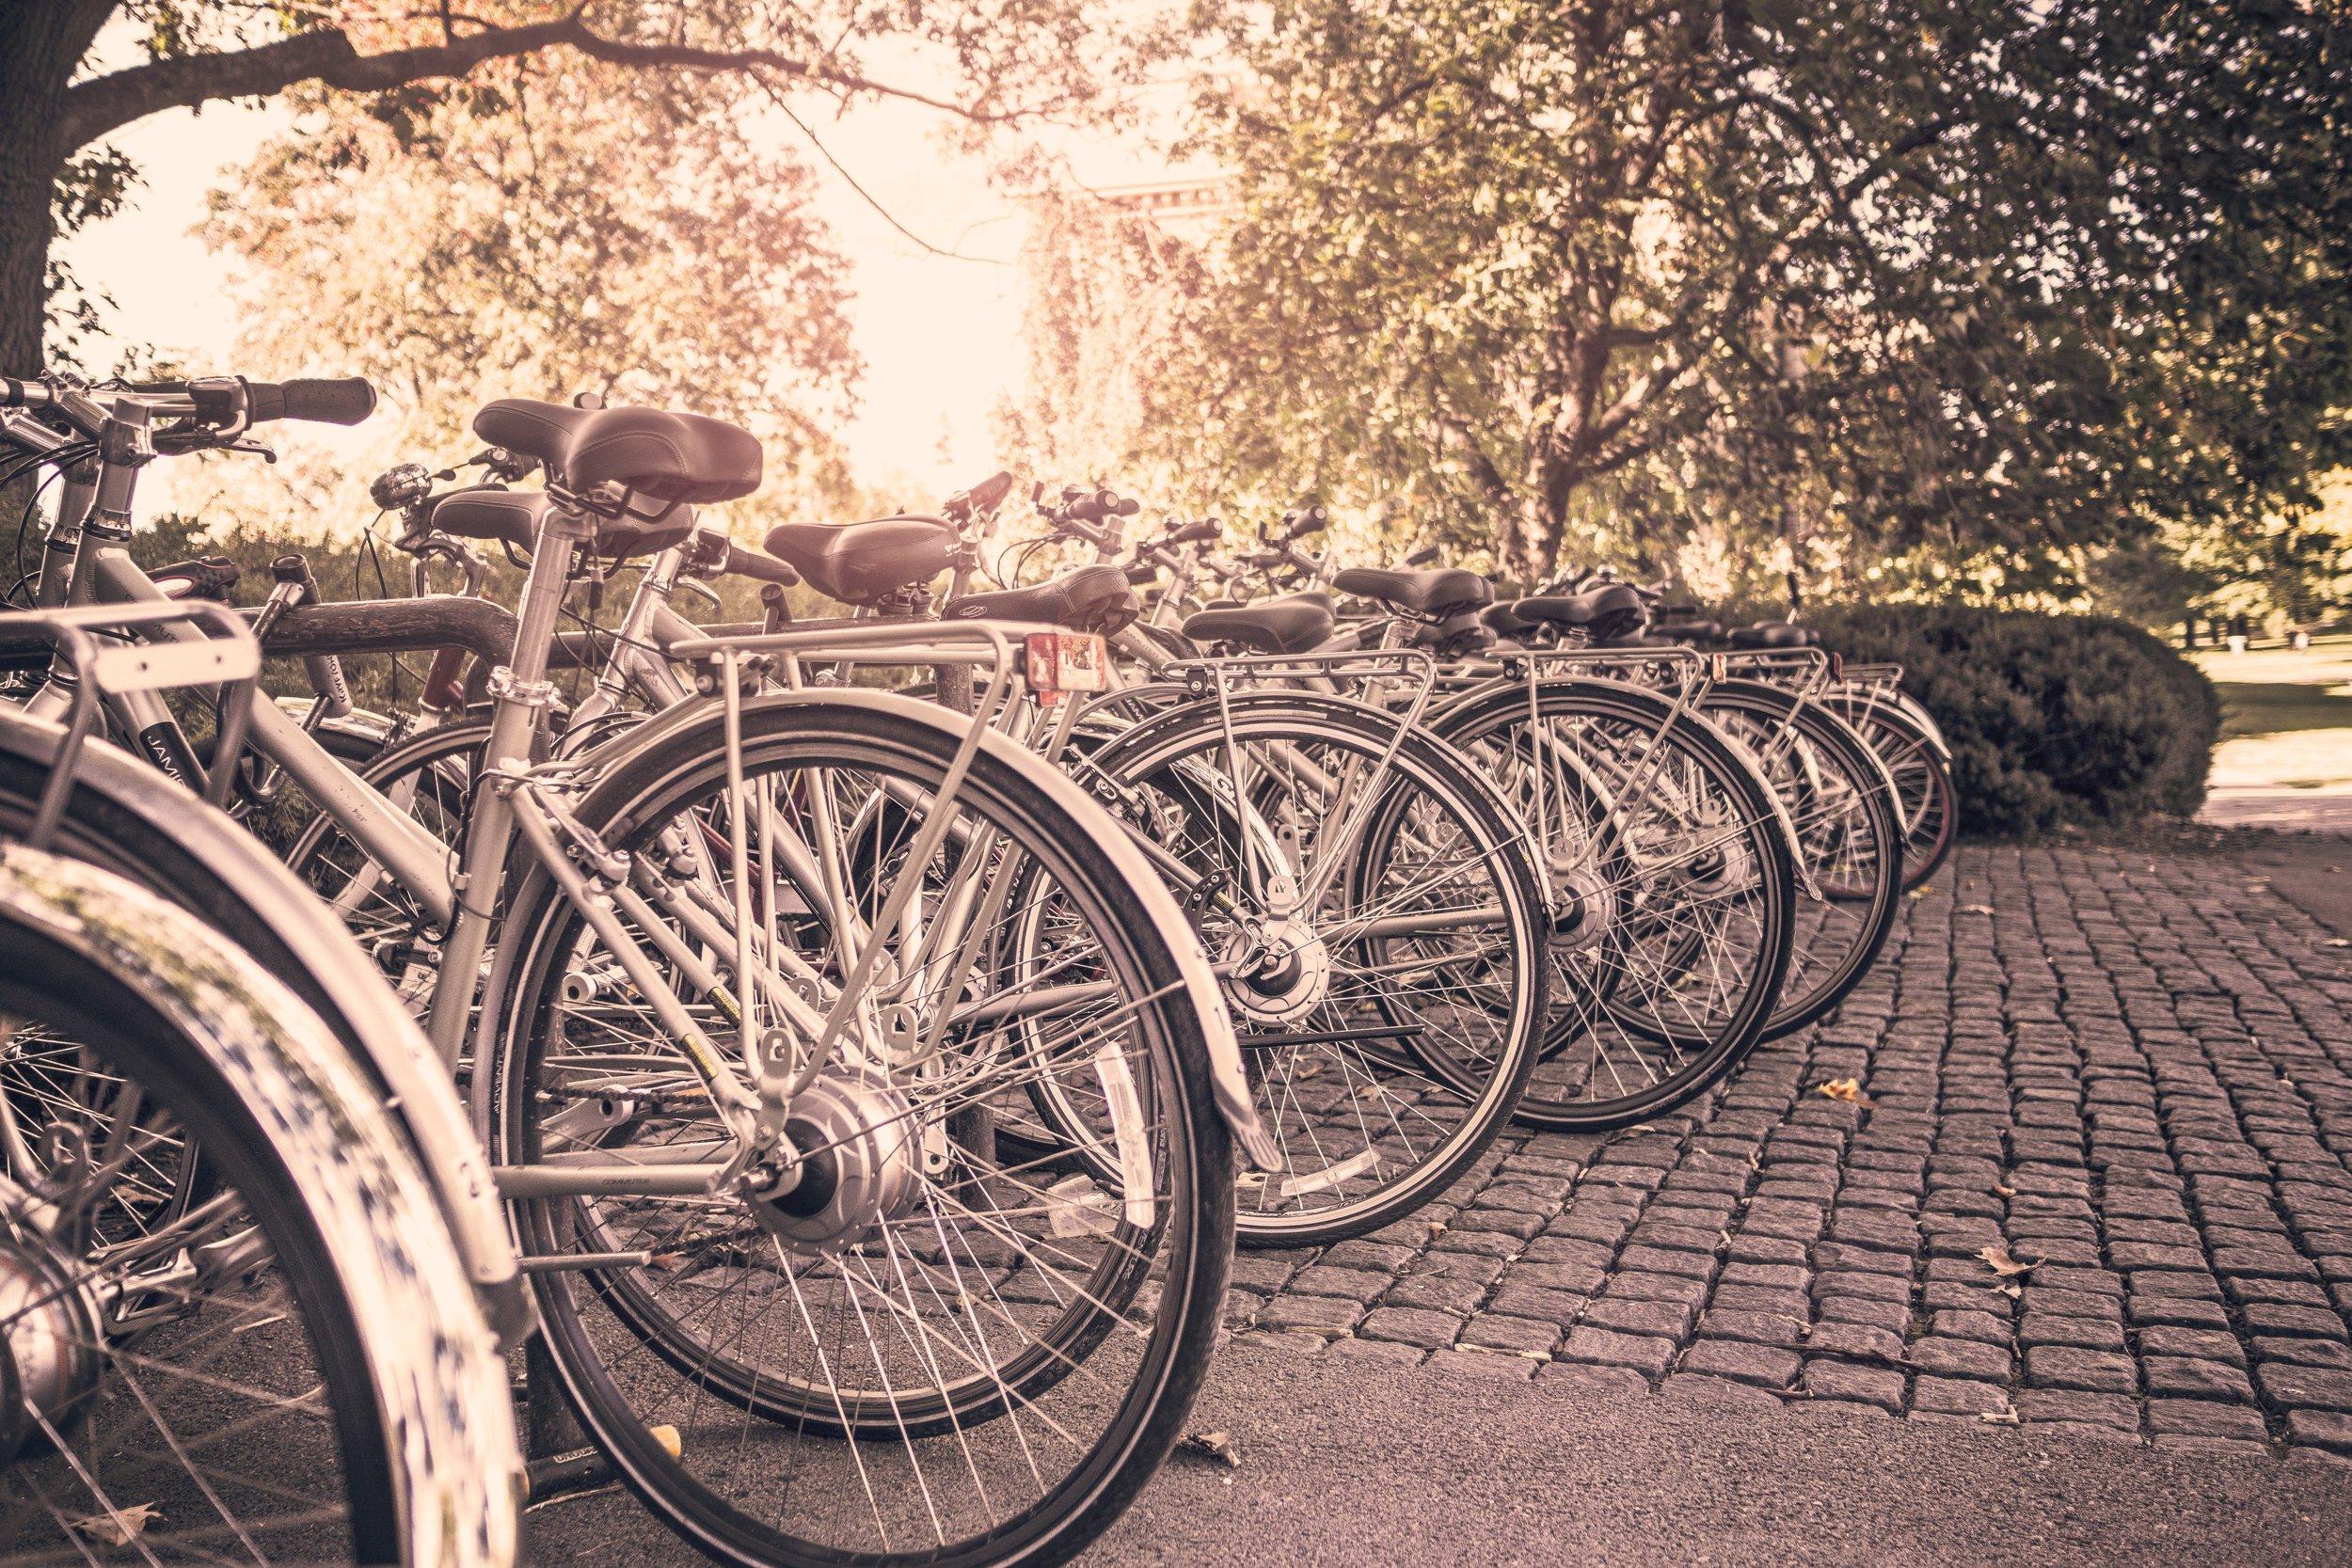 bicycles-bikes-sport-383.jpg